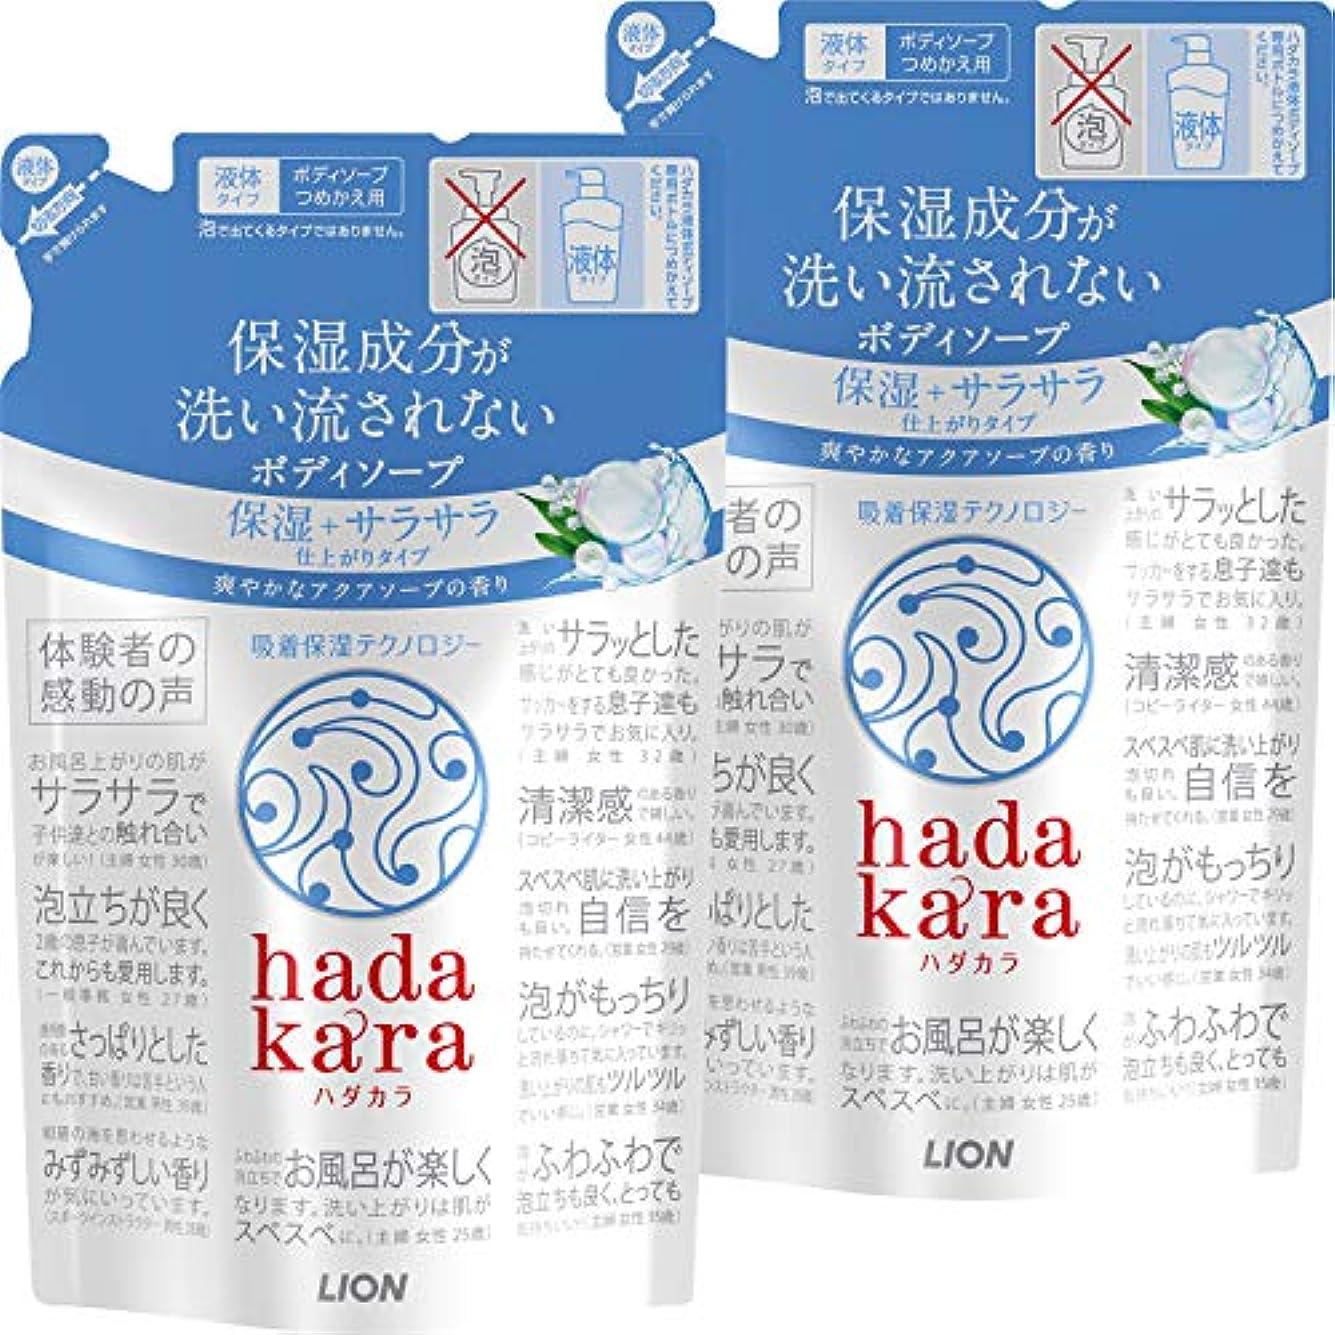 ダース十分スタンドhadakara(ハダカラ)ボディソープ 保湿+サラサラ仕上がりタイプ アクアソープの香り つめかえ用 340ml×2個パック